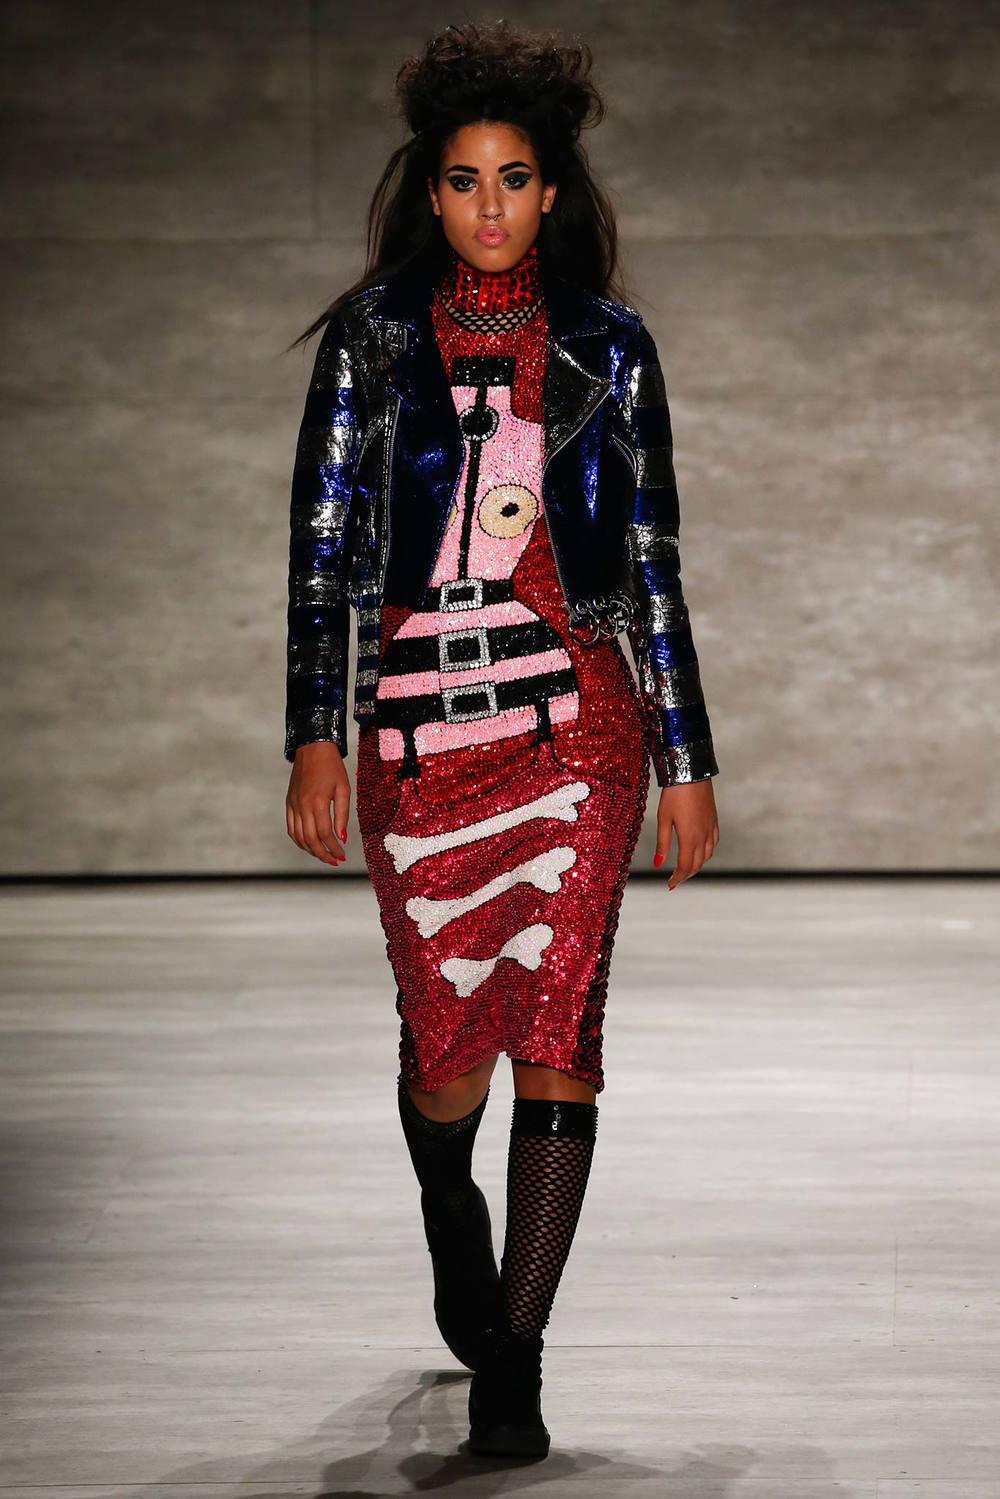 DI$COUNT UNIVER$E  photo: Gianni Pucci for style.com